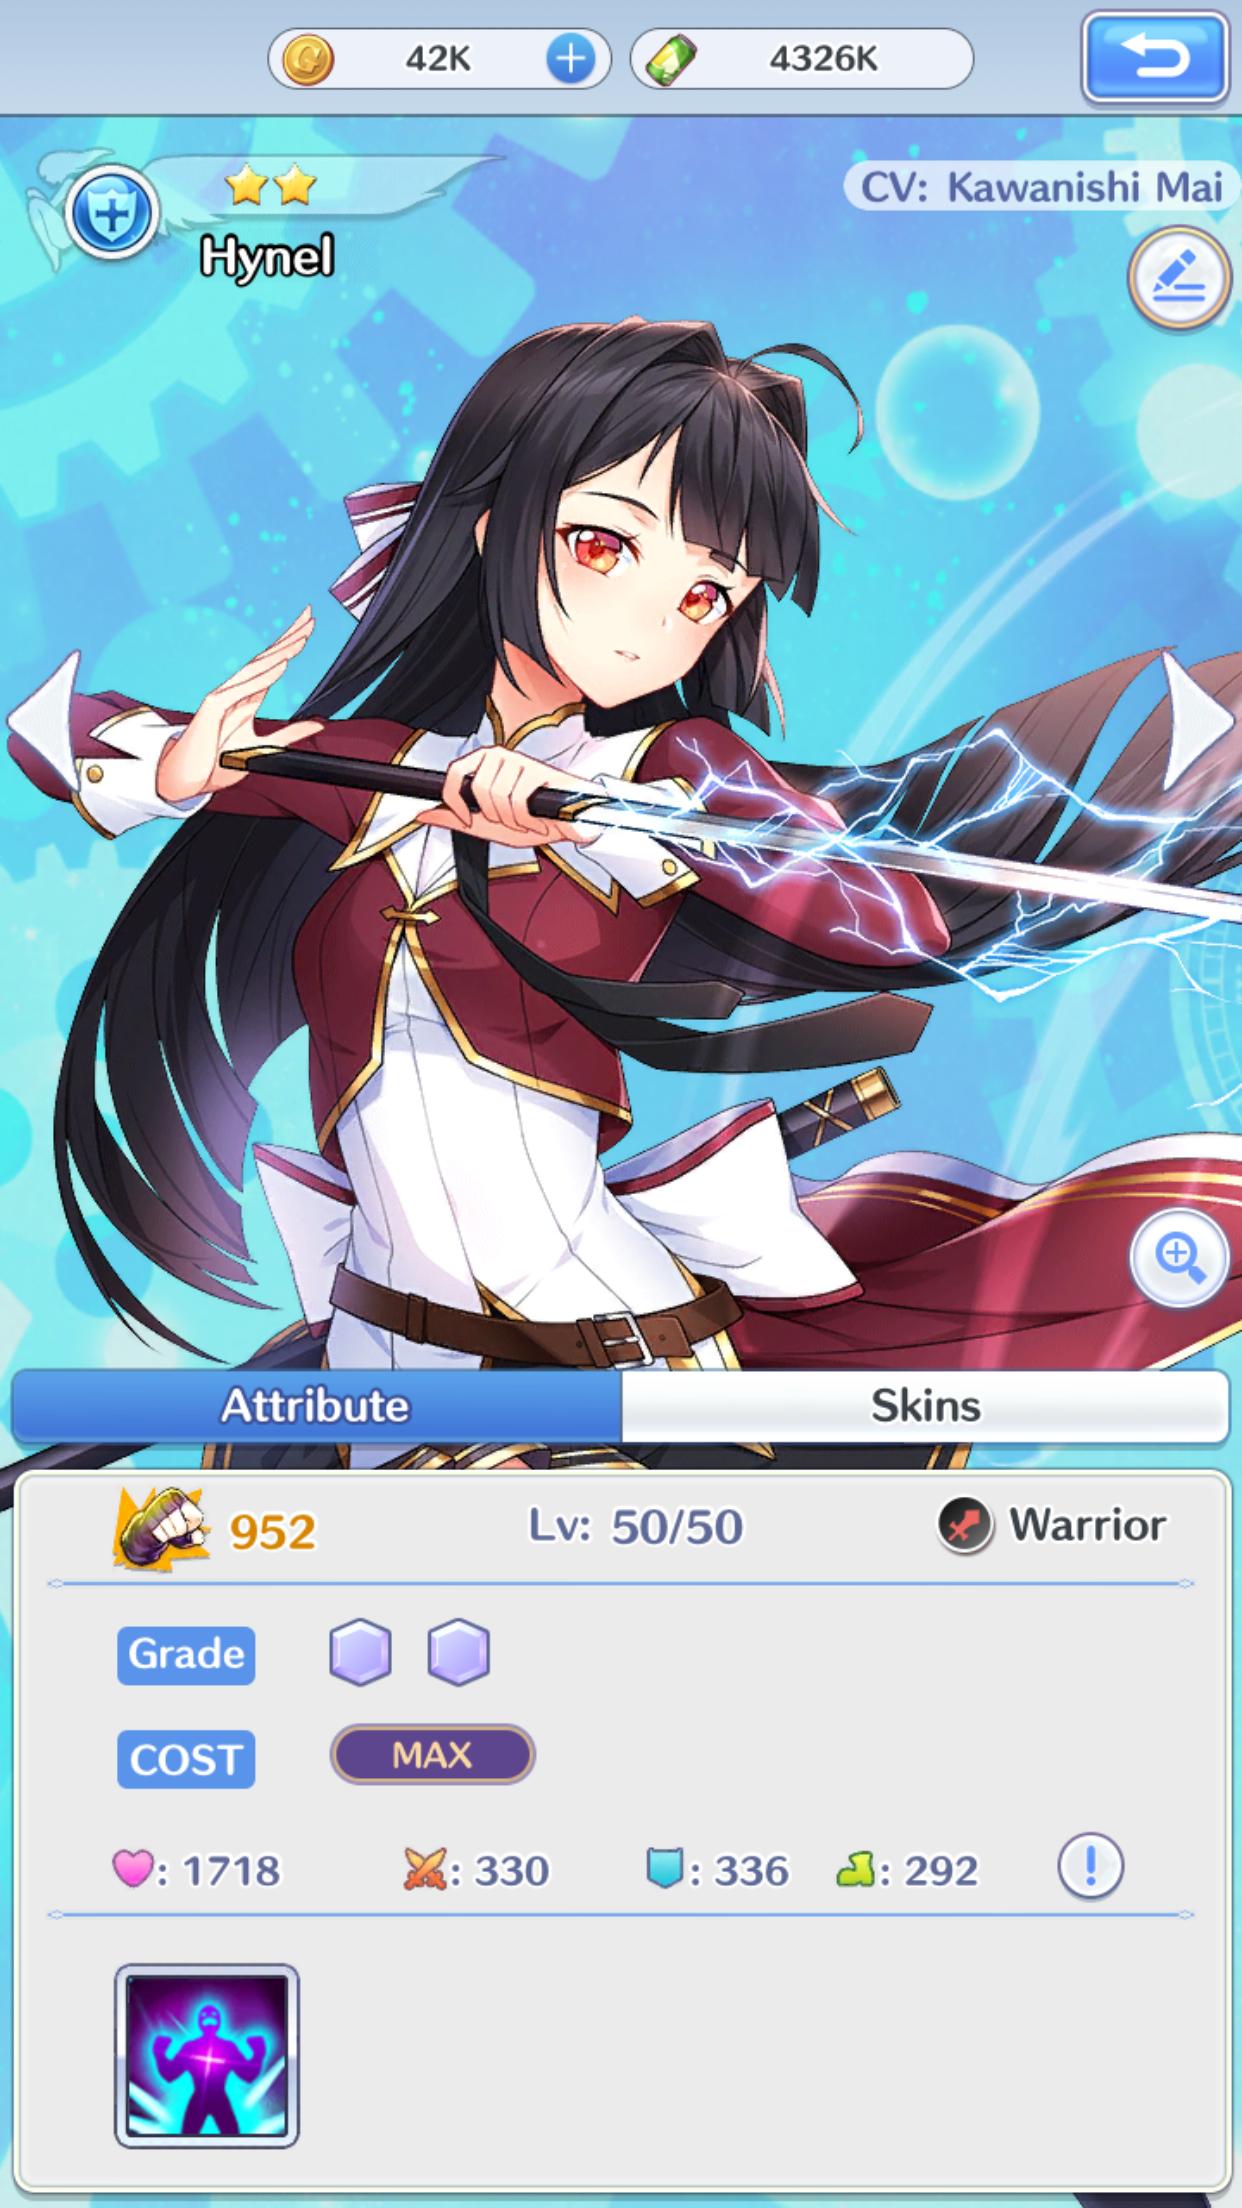 ⭐️⭐️ Hynel GirlsXbattle2 IOS App CardGame Anime